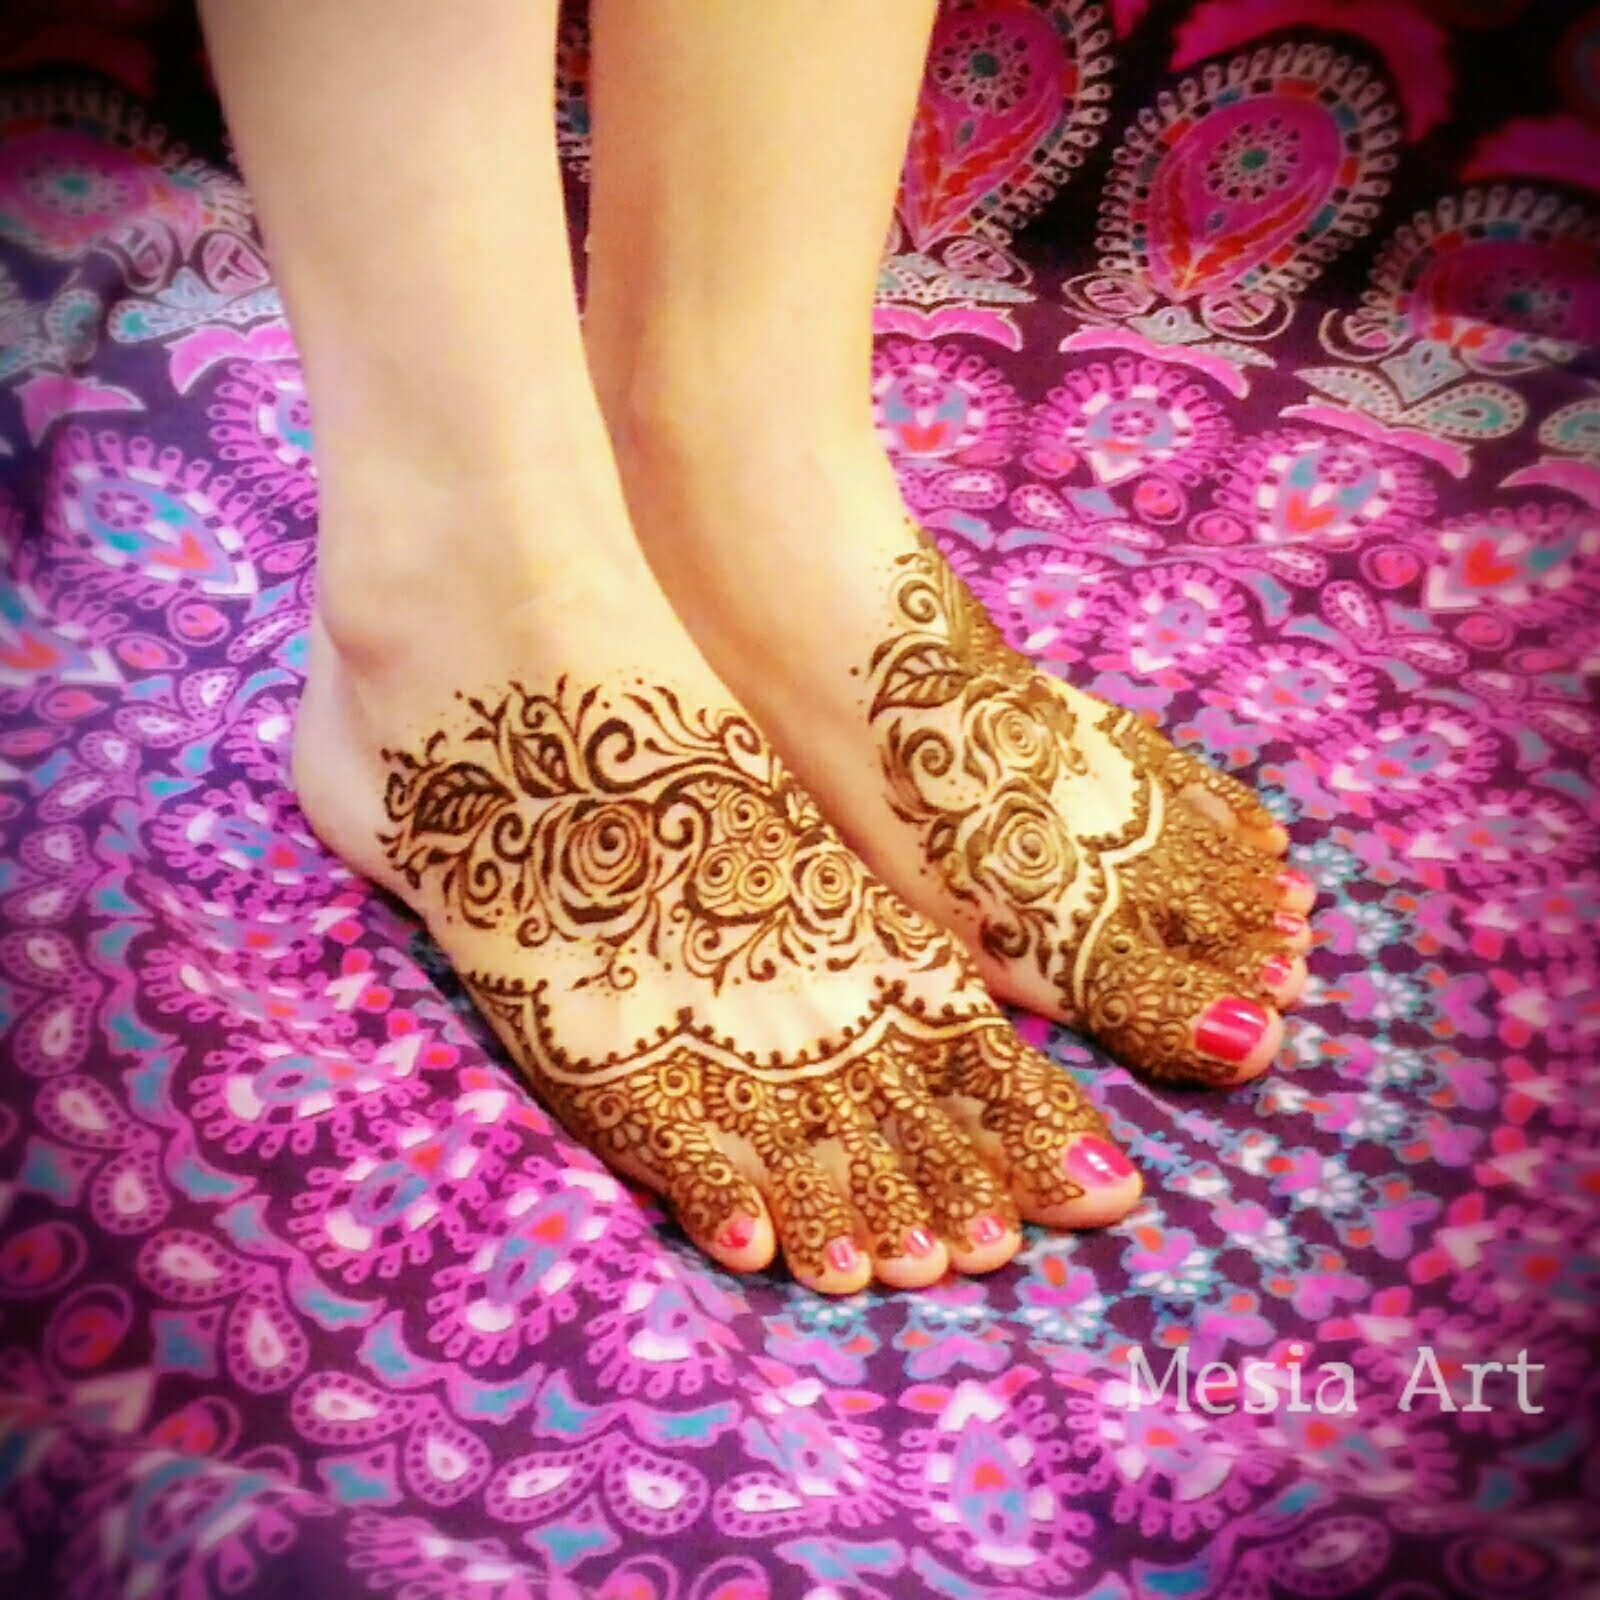 漫談Henna印度彩繪-指甲花身體彩繪的圖騰意義 | YaoIndia 就是要印度